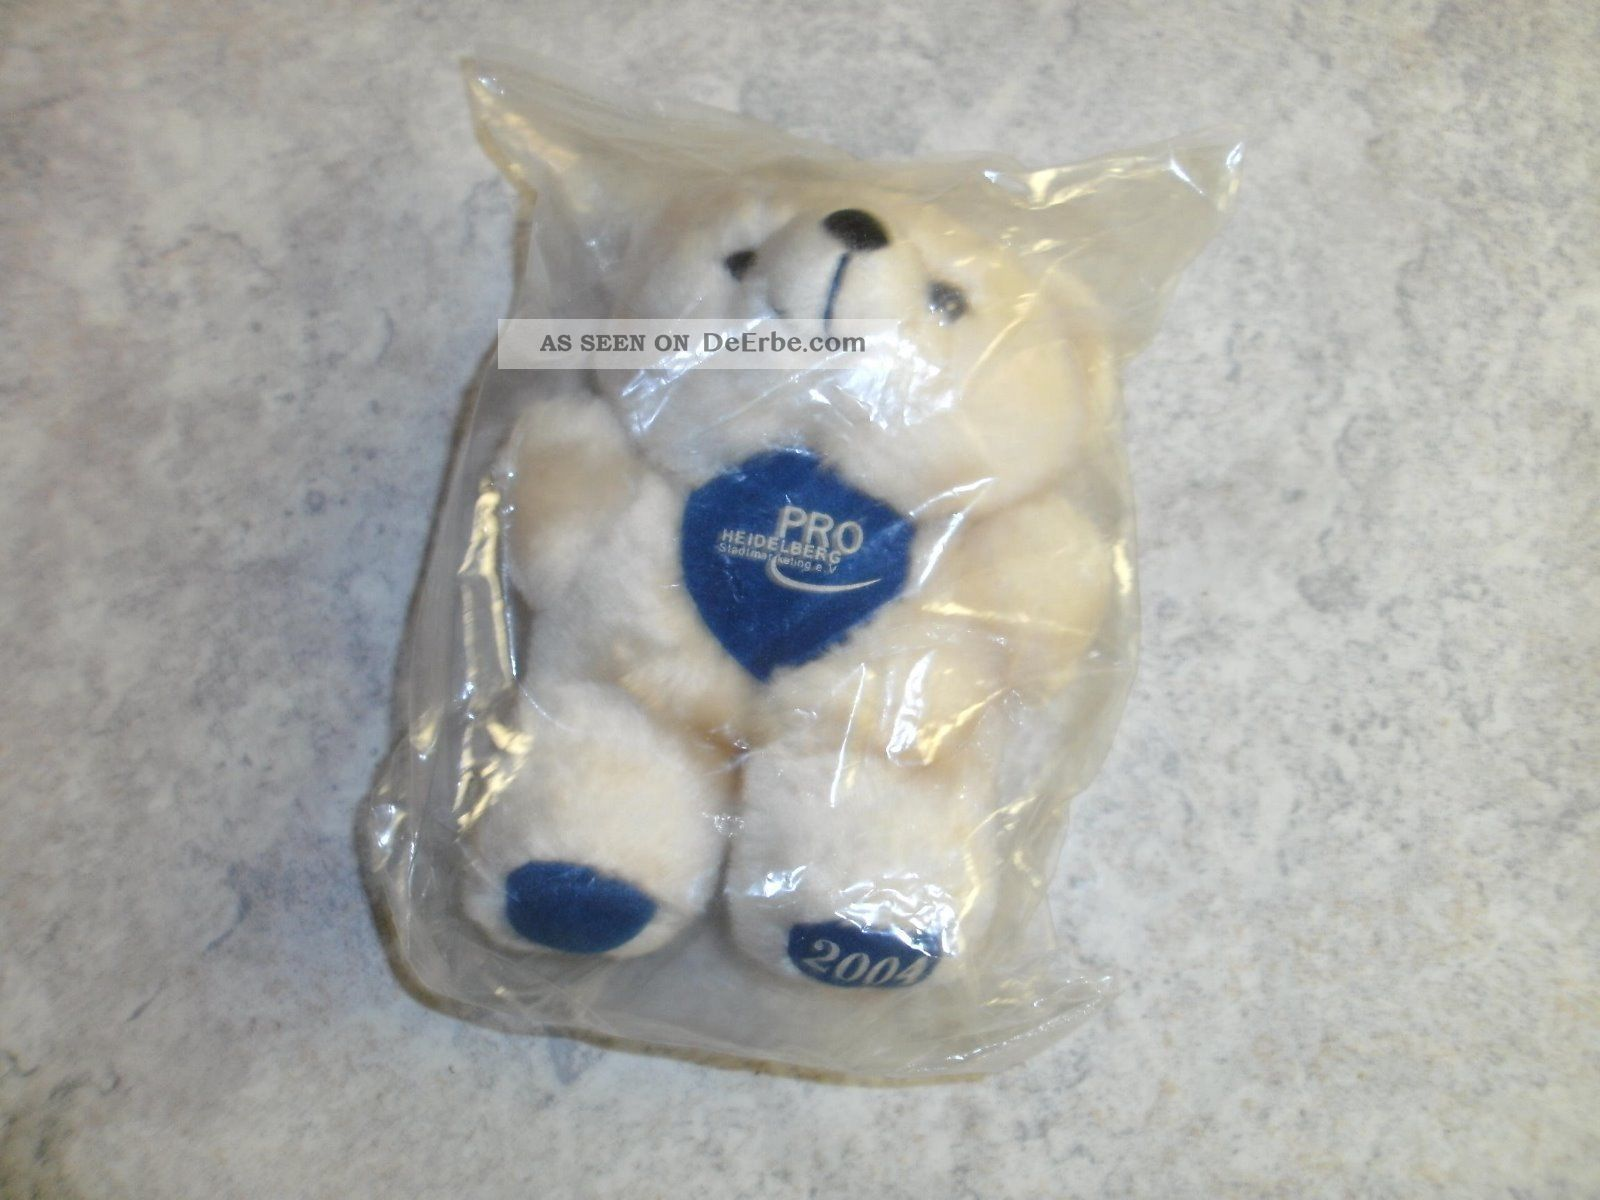 Teddybär Teddy Bär Pro Heidelberg Heidelbär Jahr 2004 Sammler Sammeln Selten Stofftiere & Teddybären Bild